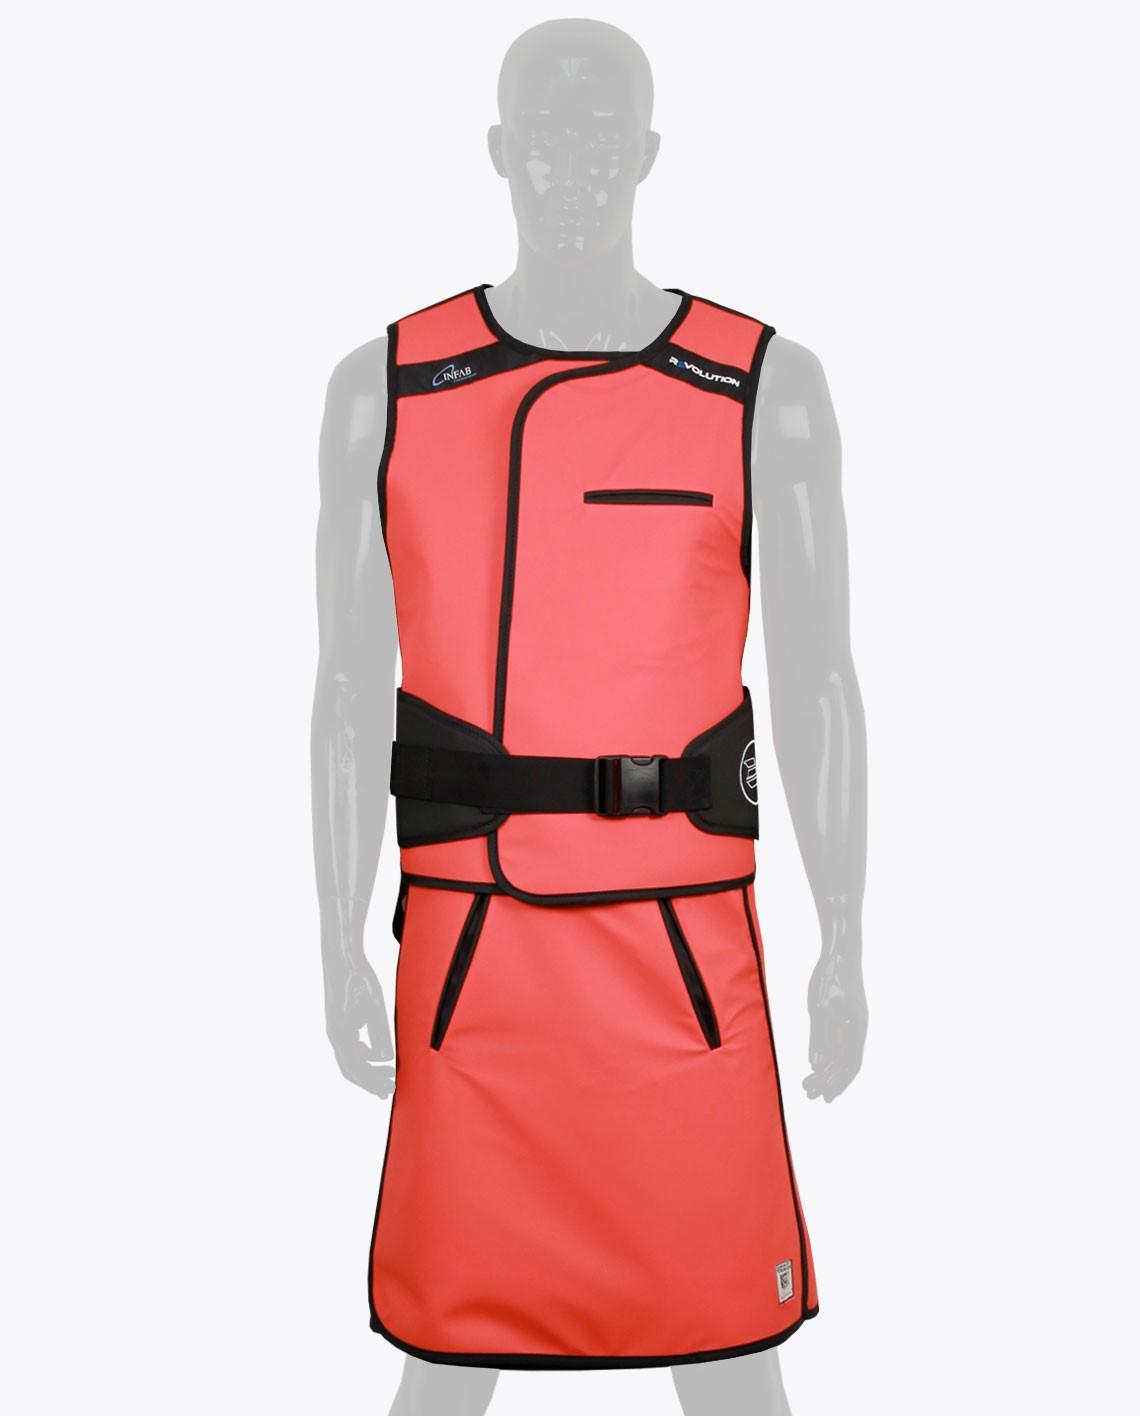 Apron clipart lead apron. Infab revolution lumbar vest